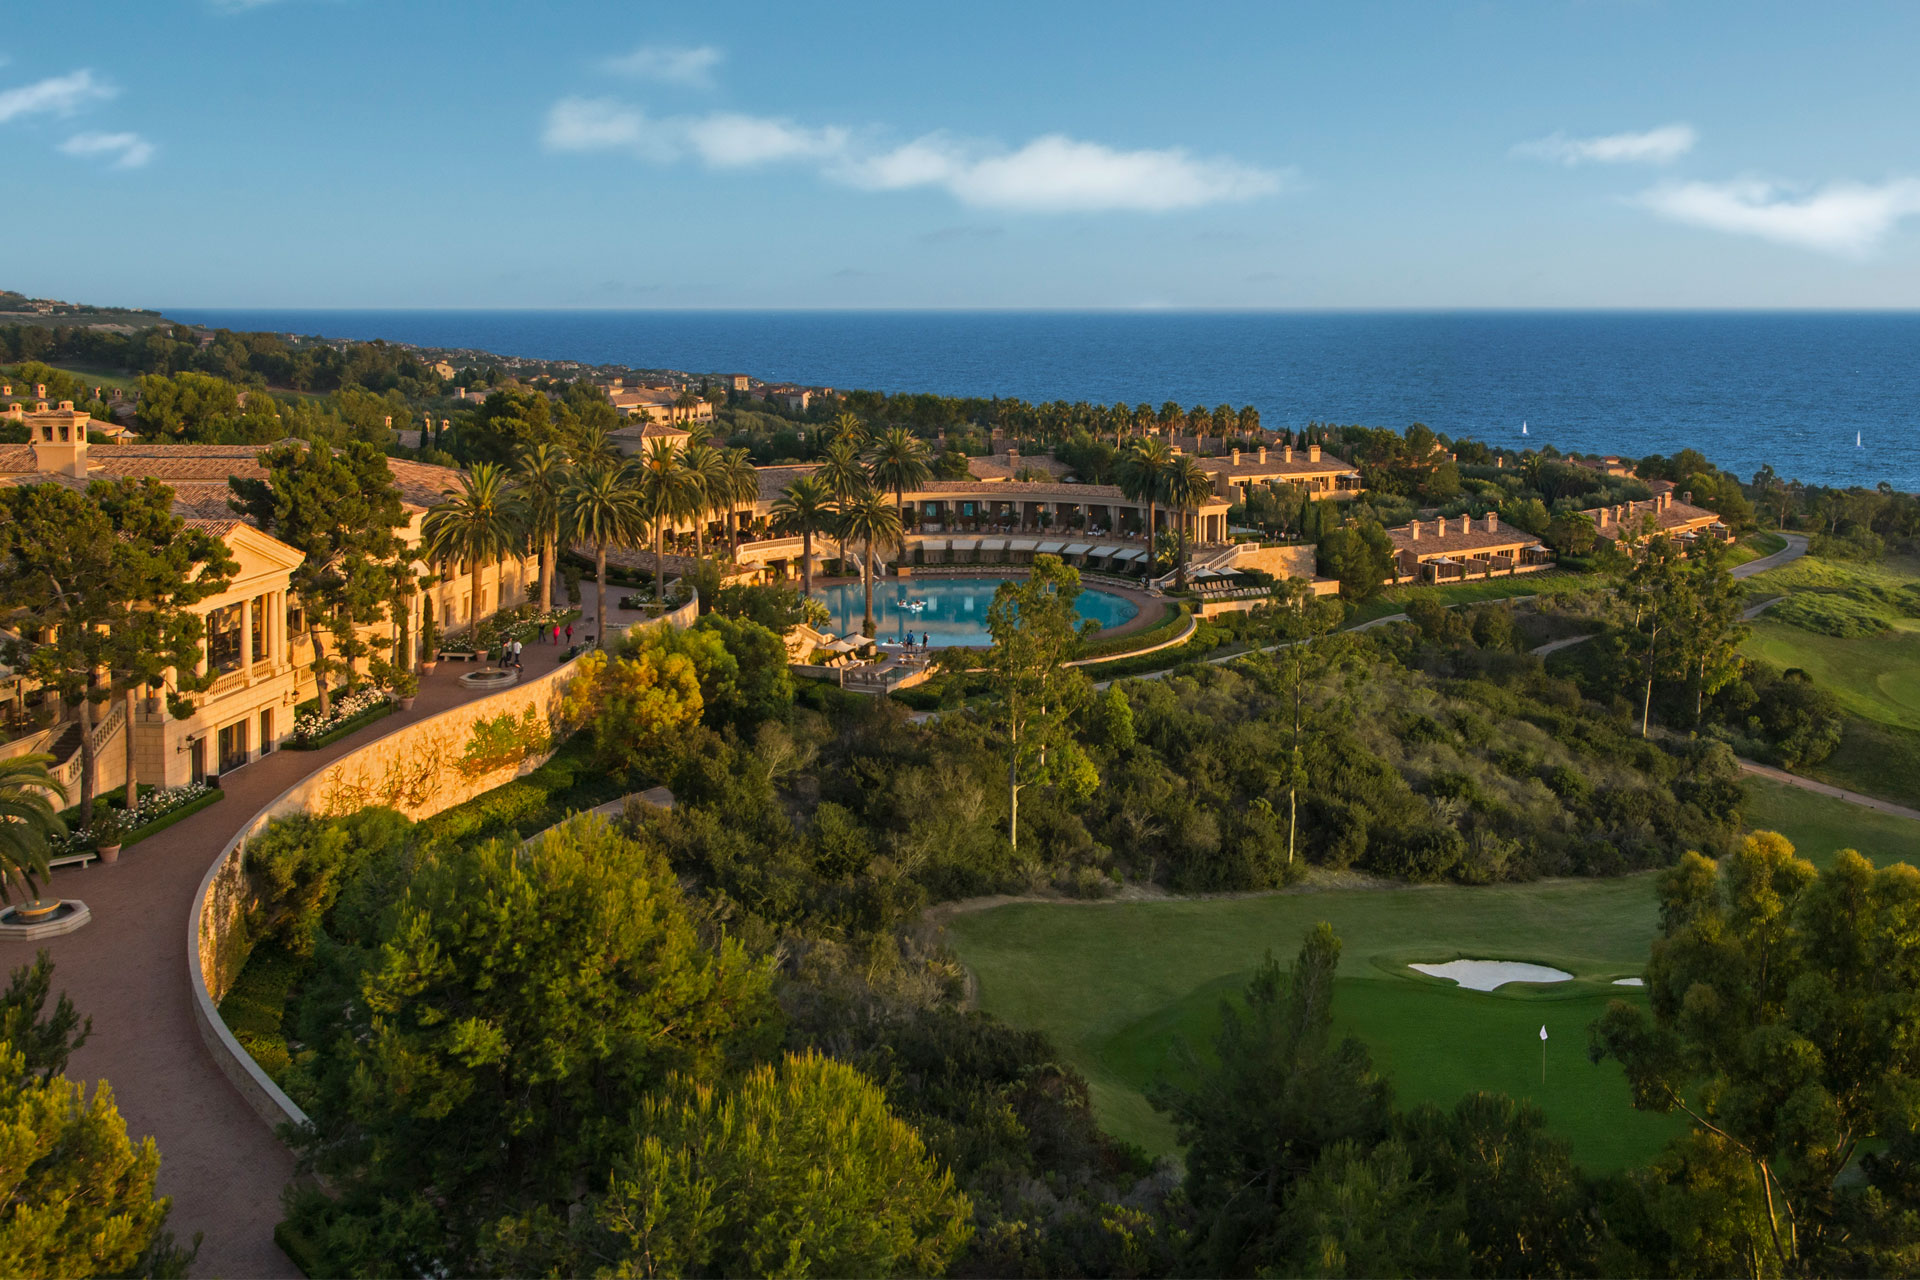 Pelican Hill Resort overlooking the Pacific Ocean